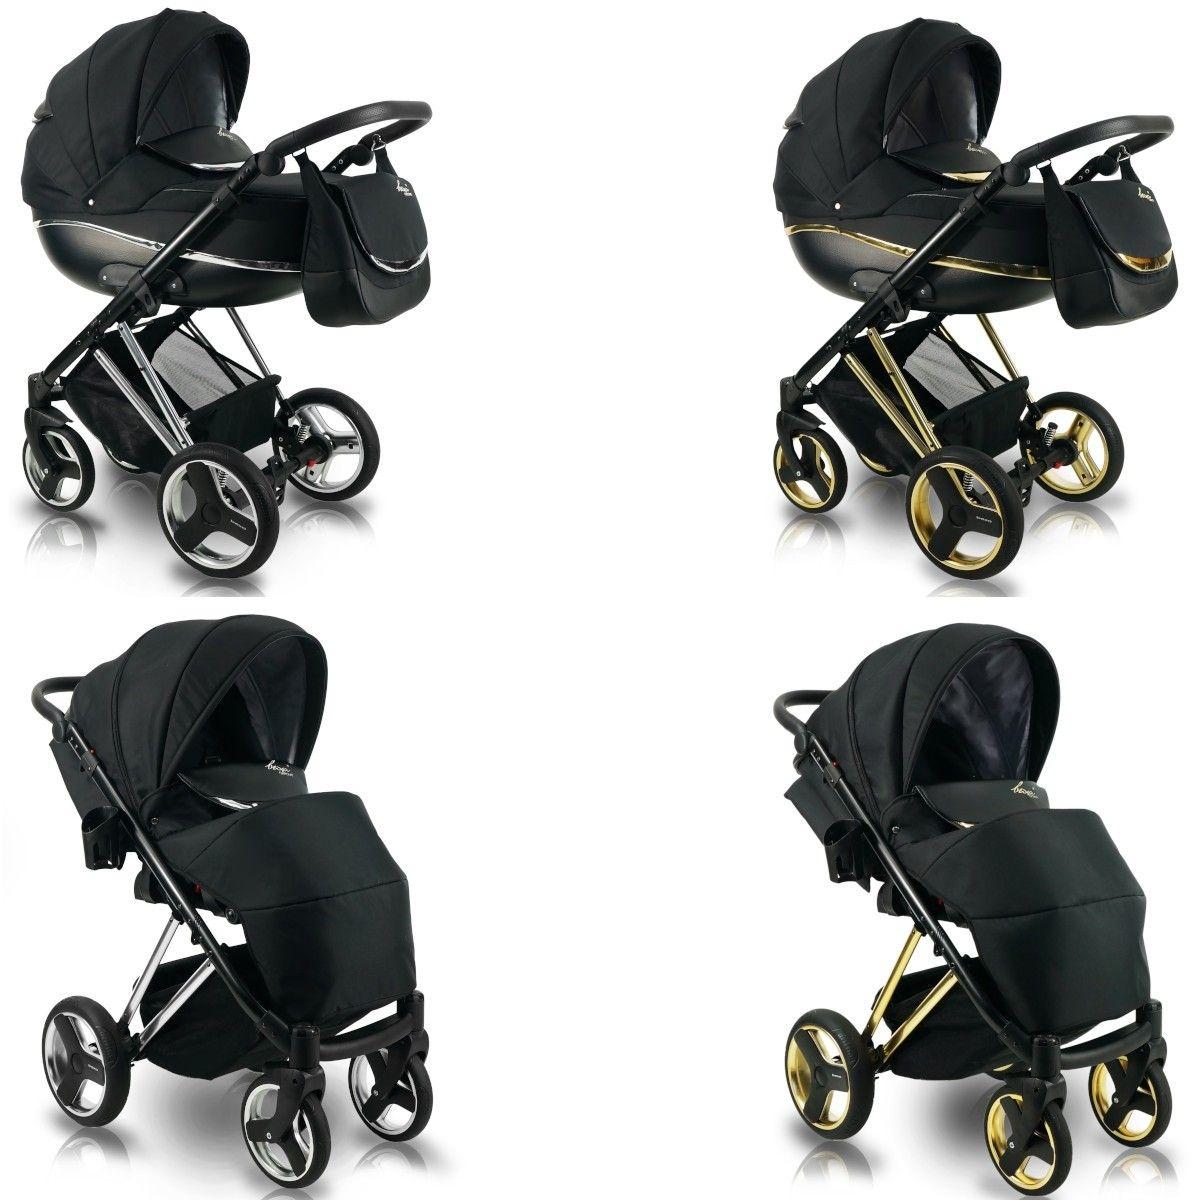 Bexa Next Metallic Kombi Kinderwagen 2in1 Mit Babywanne Sportwagenaufsatz Buggy Oder 3in1 Babyschale Autoschale 2 Farb Kinderwagen Kinder Wagen Buggy